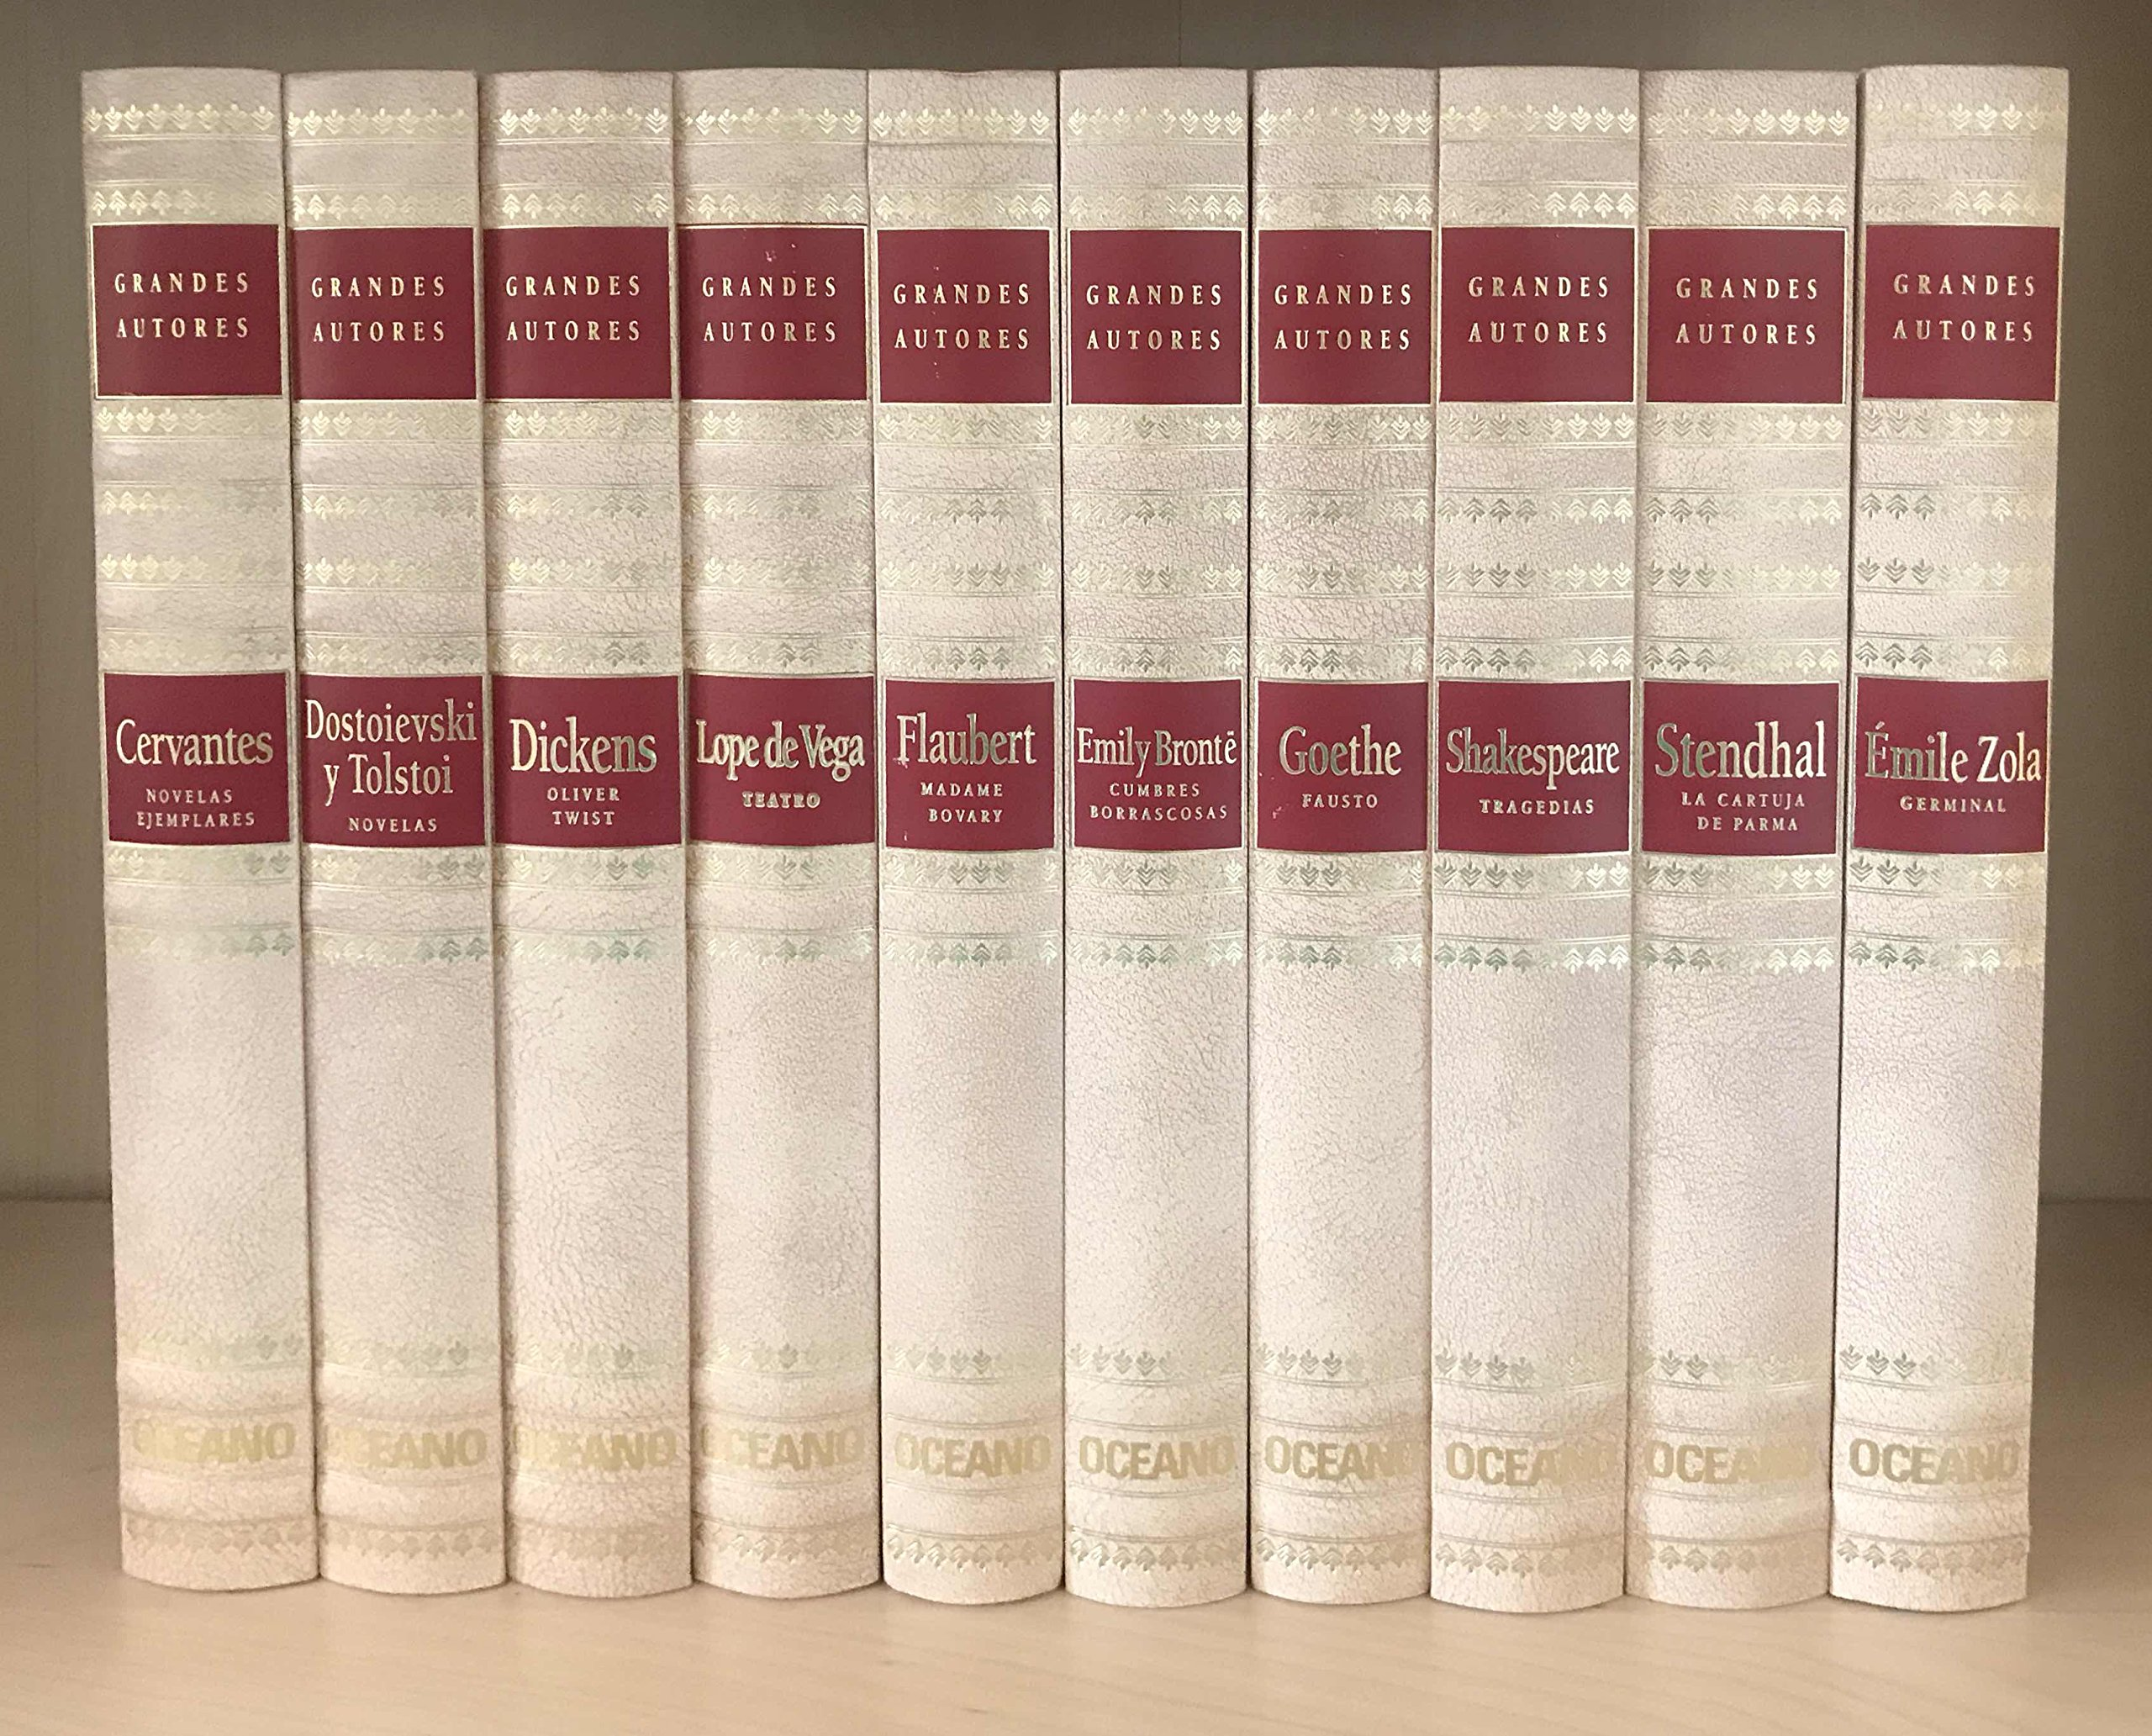 Colección Completa de Obras de Grandes Autores pdf